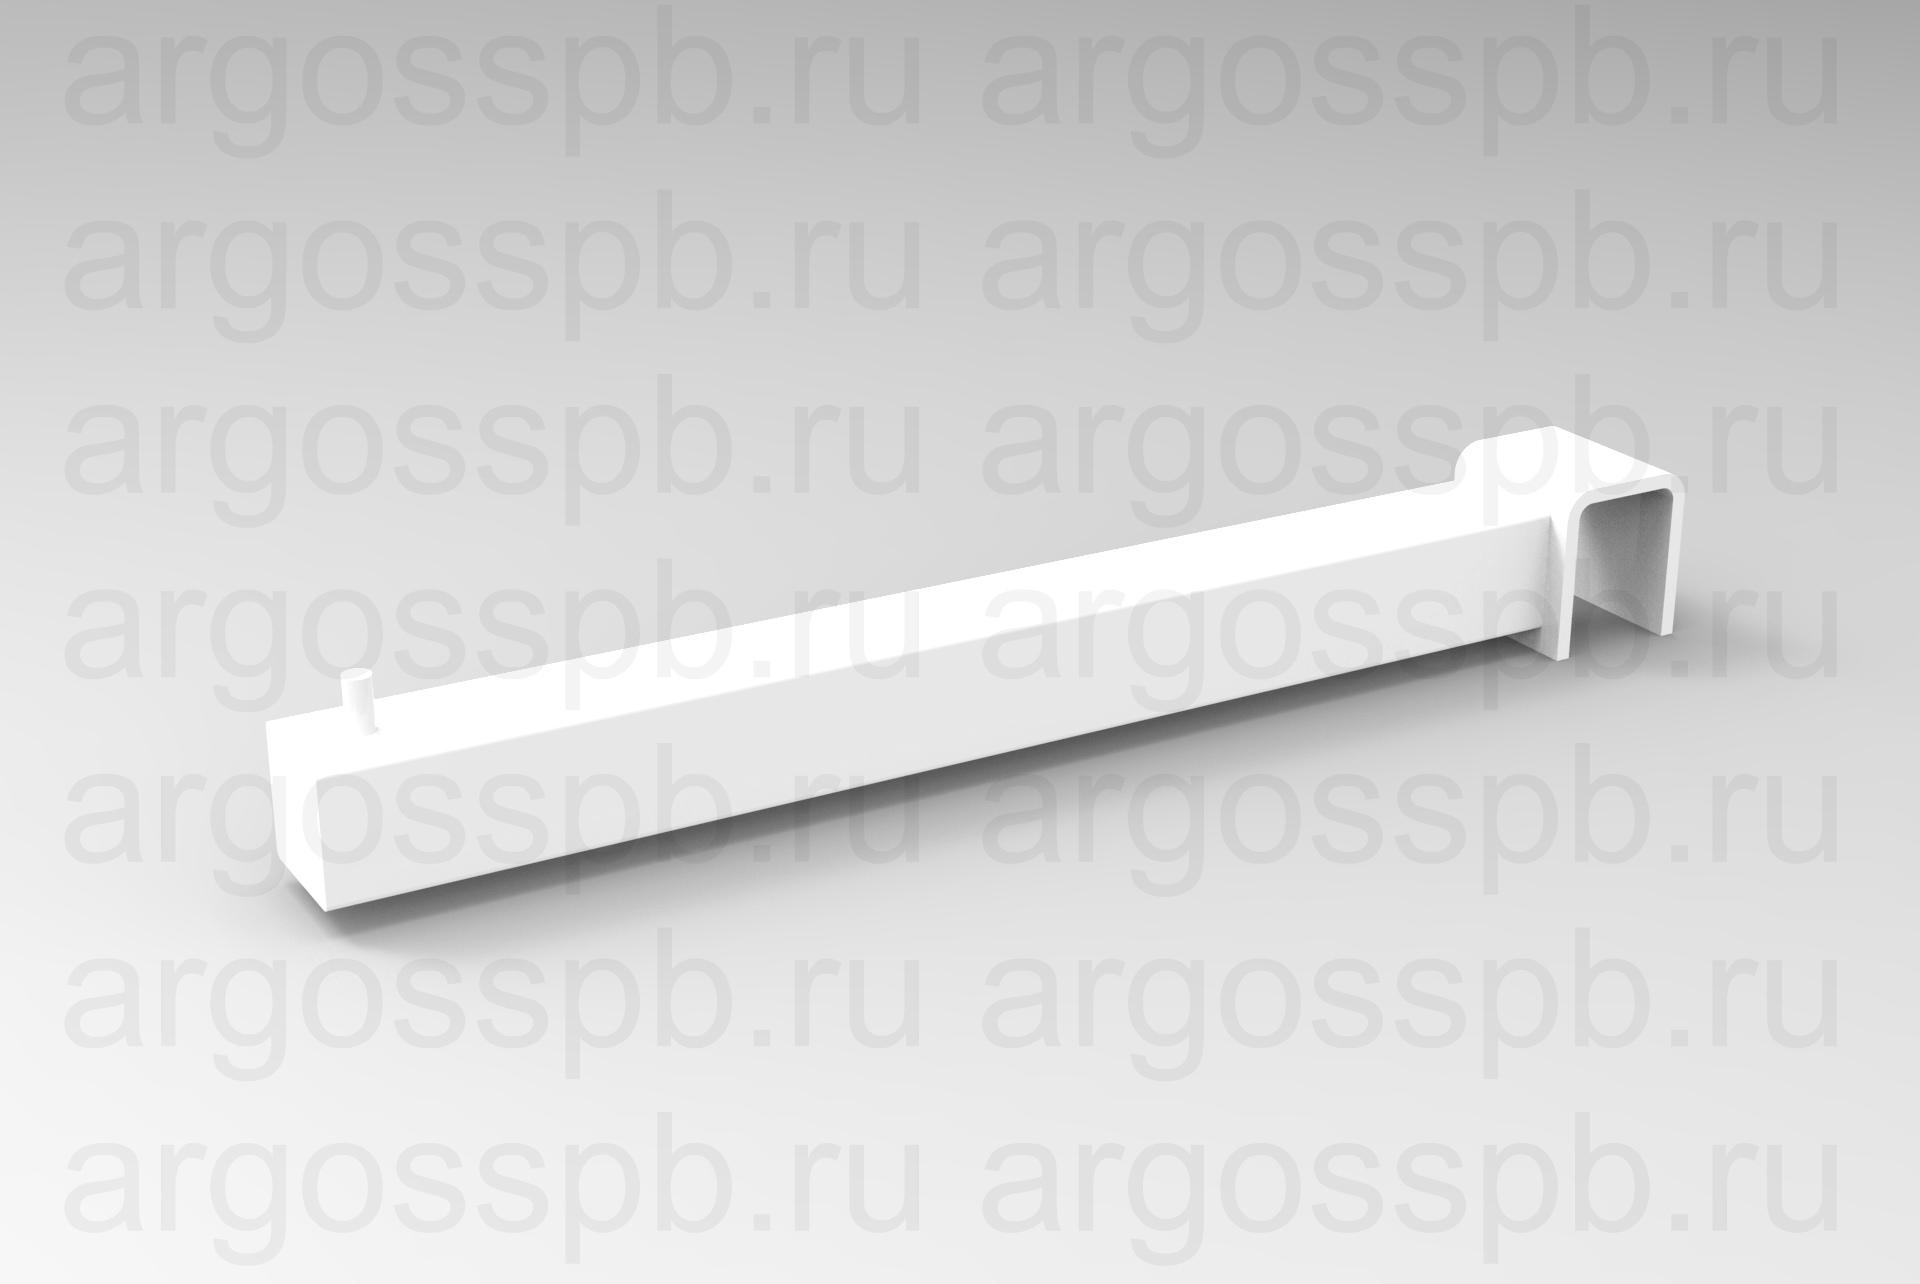 Зацеп фронтальный односторонний белый ТО 160